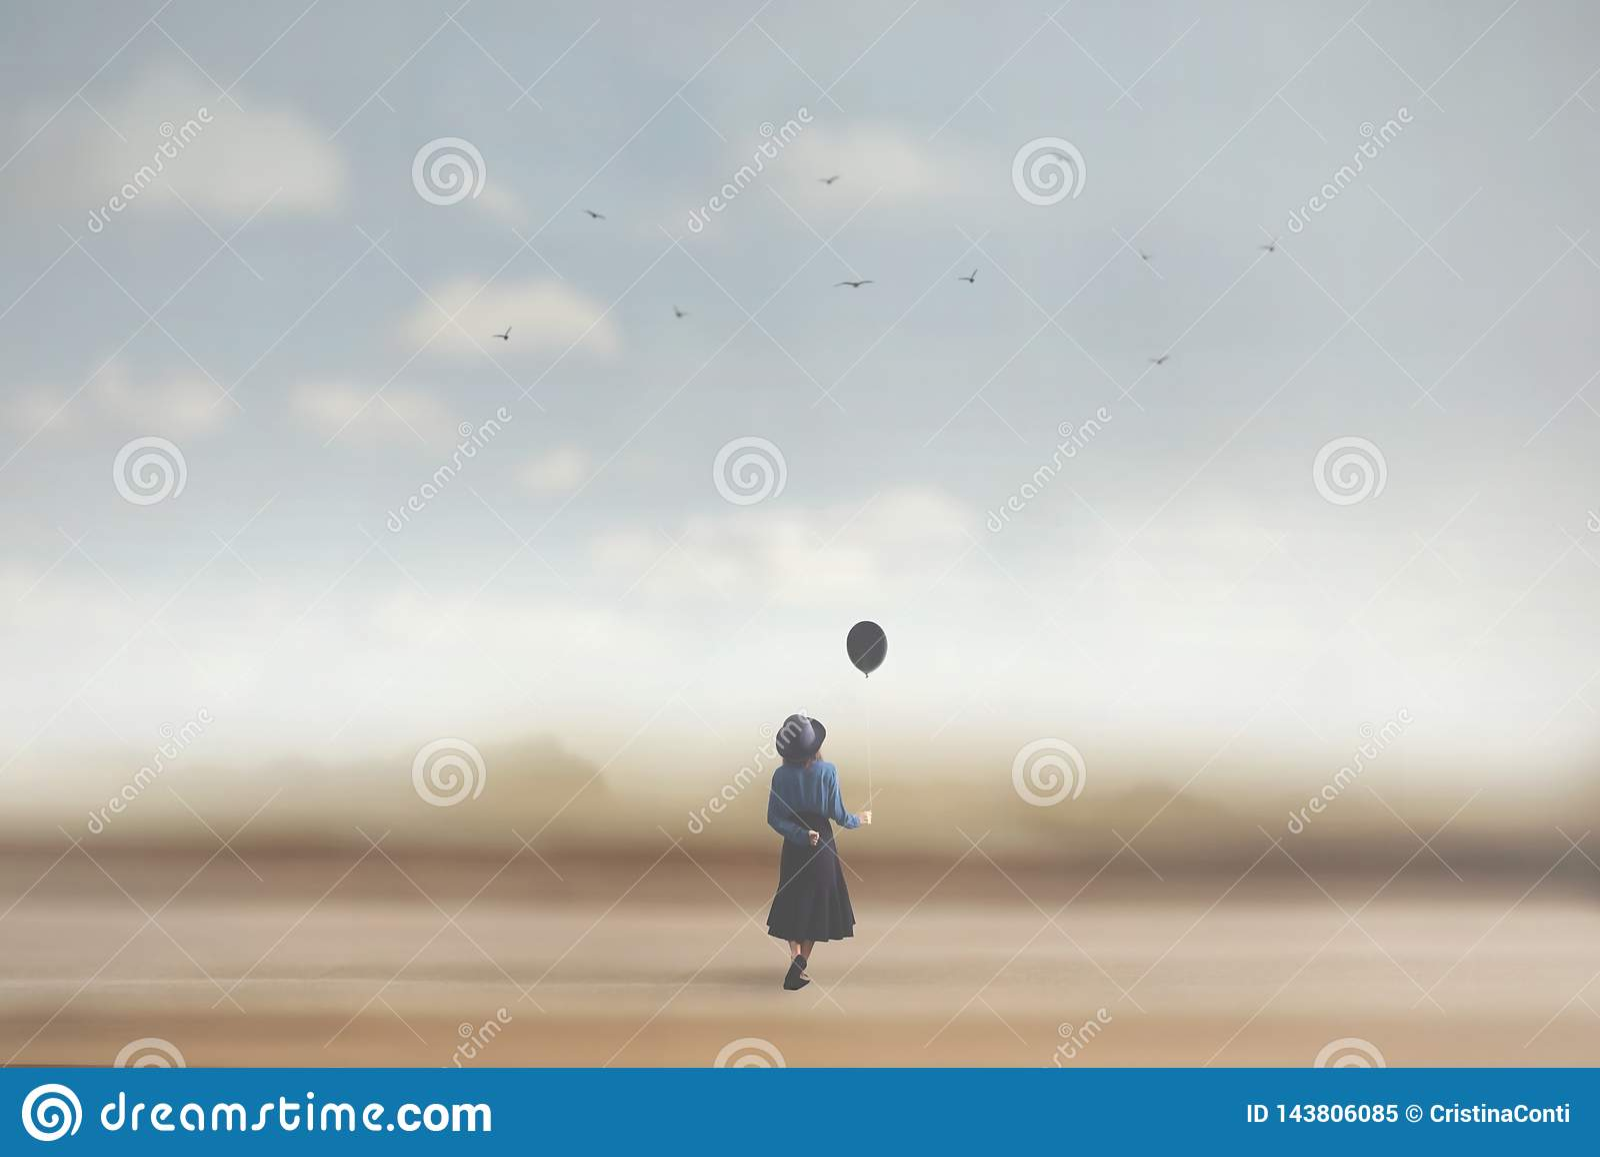 Surreal beeld van een jonge vrouw die met een ballon dromen